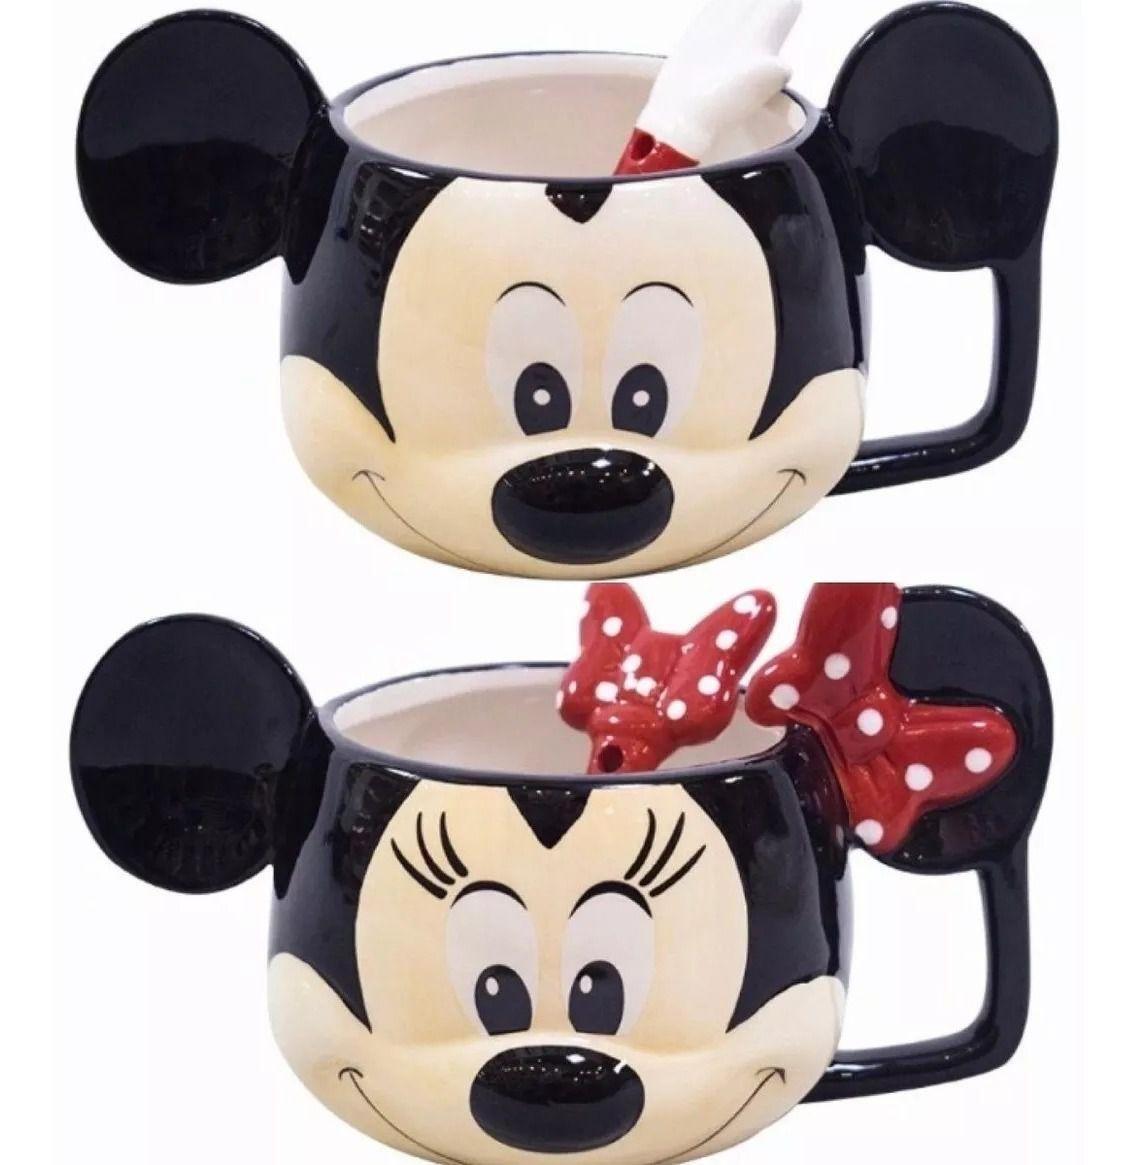 Kit 2 Canecas: Mickey E Minnie Com Colher Inclusa Em Porcelana - Disney